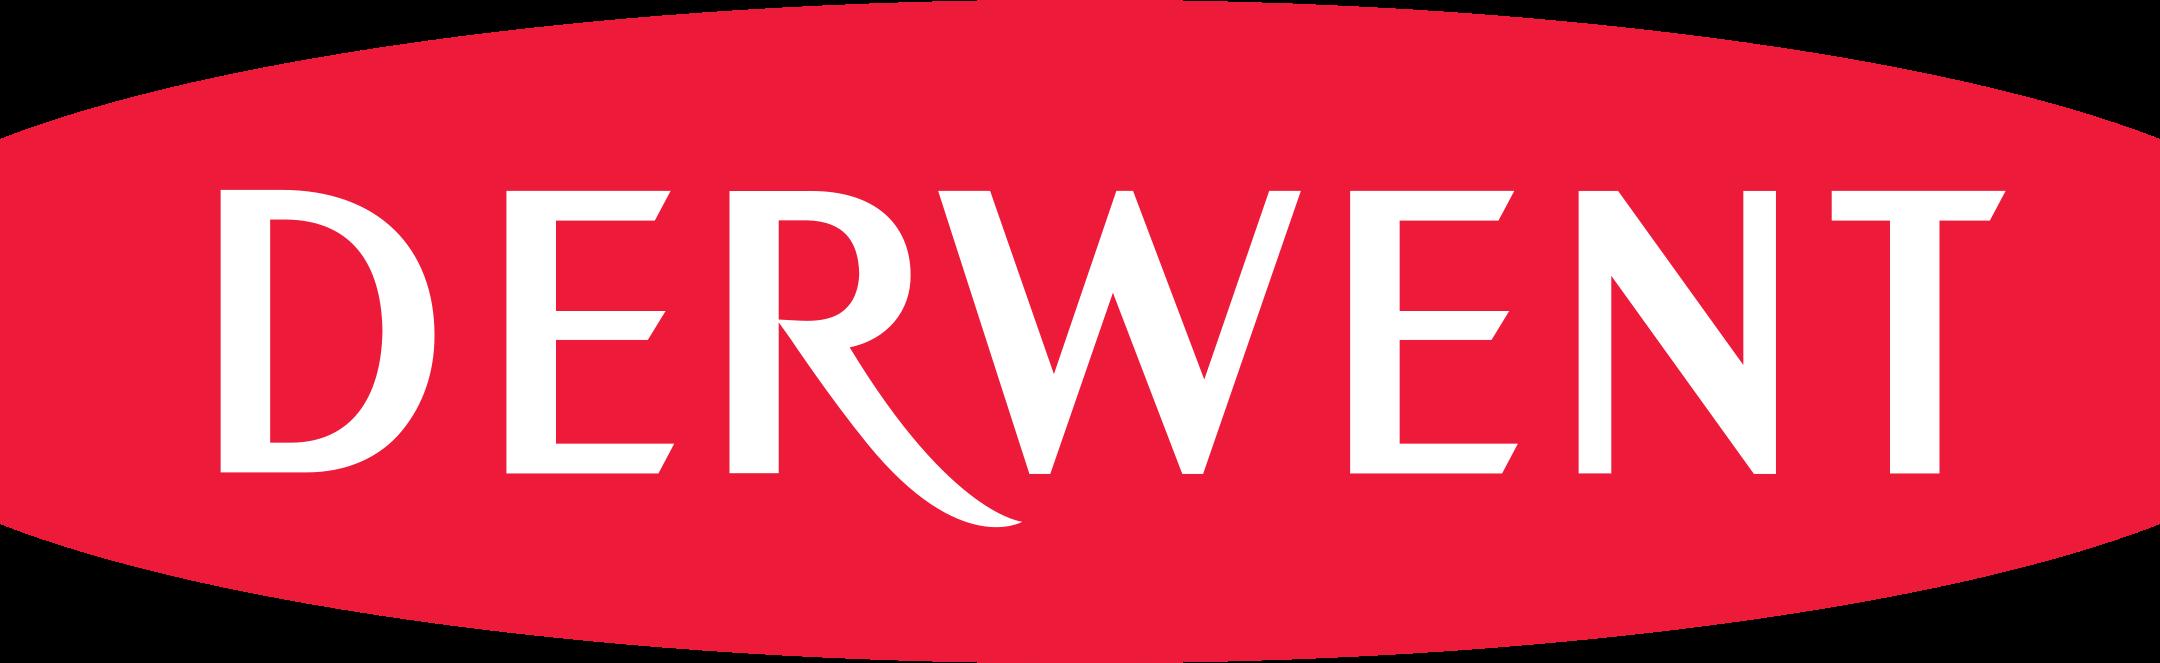 derwent logo 1 - Derwent Logo